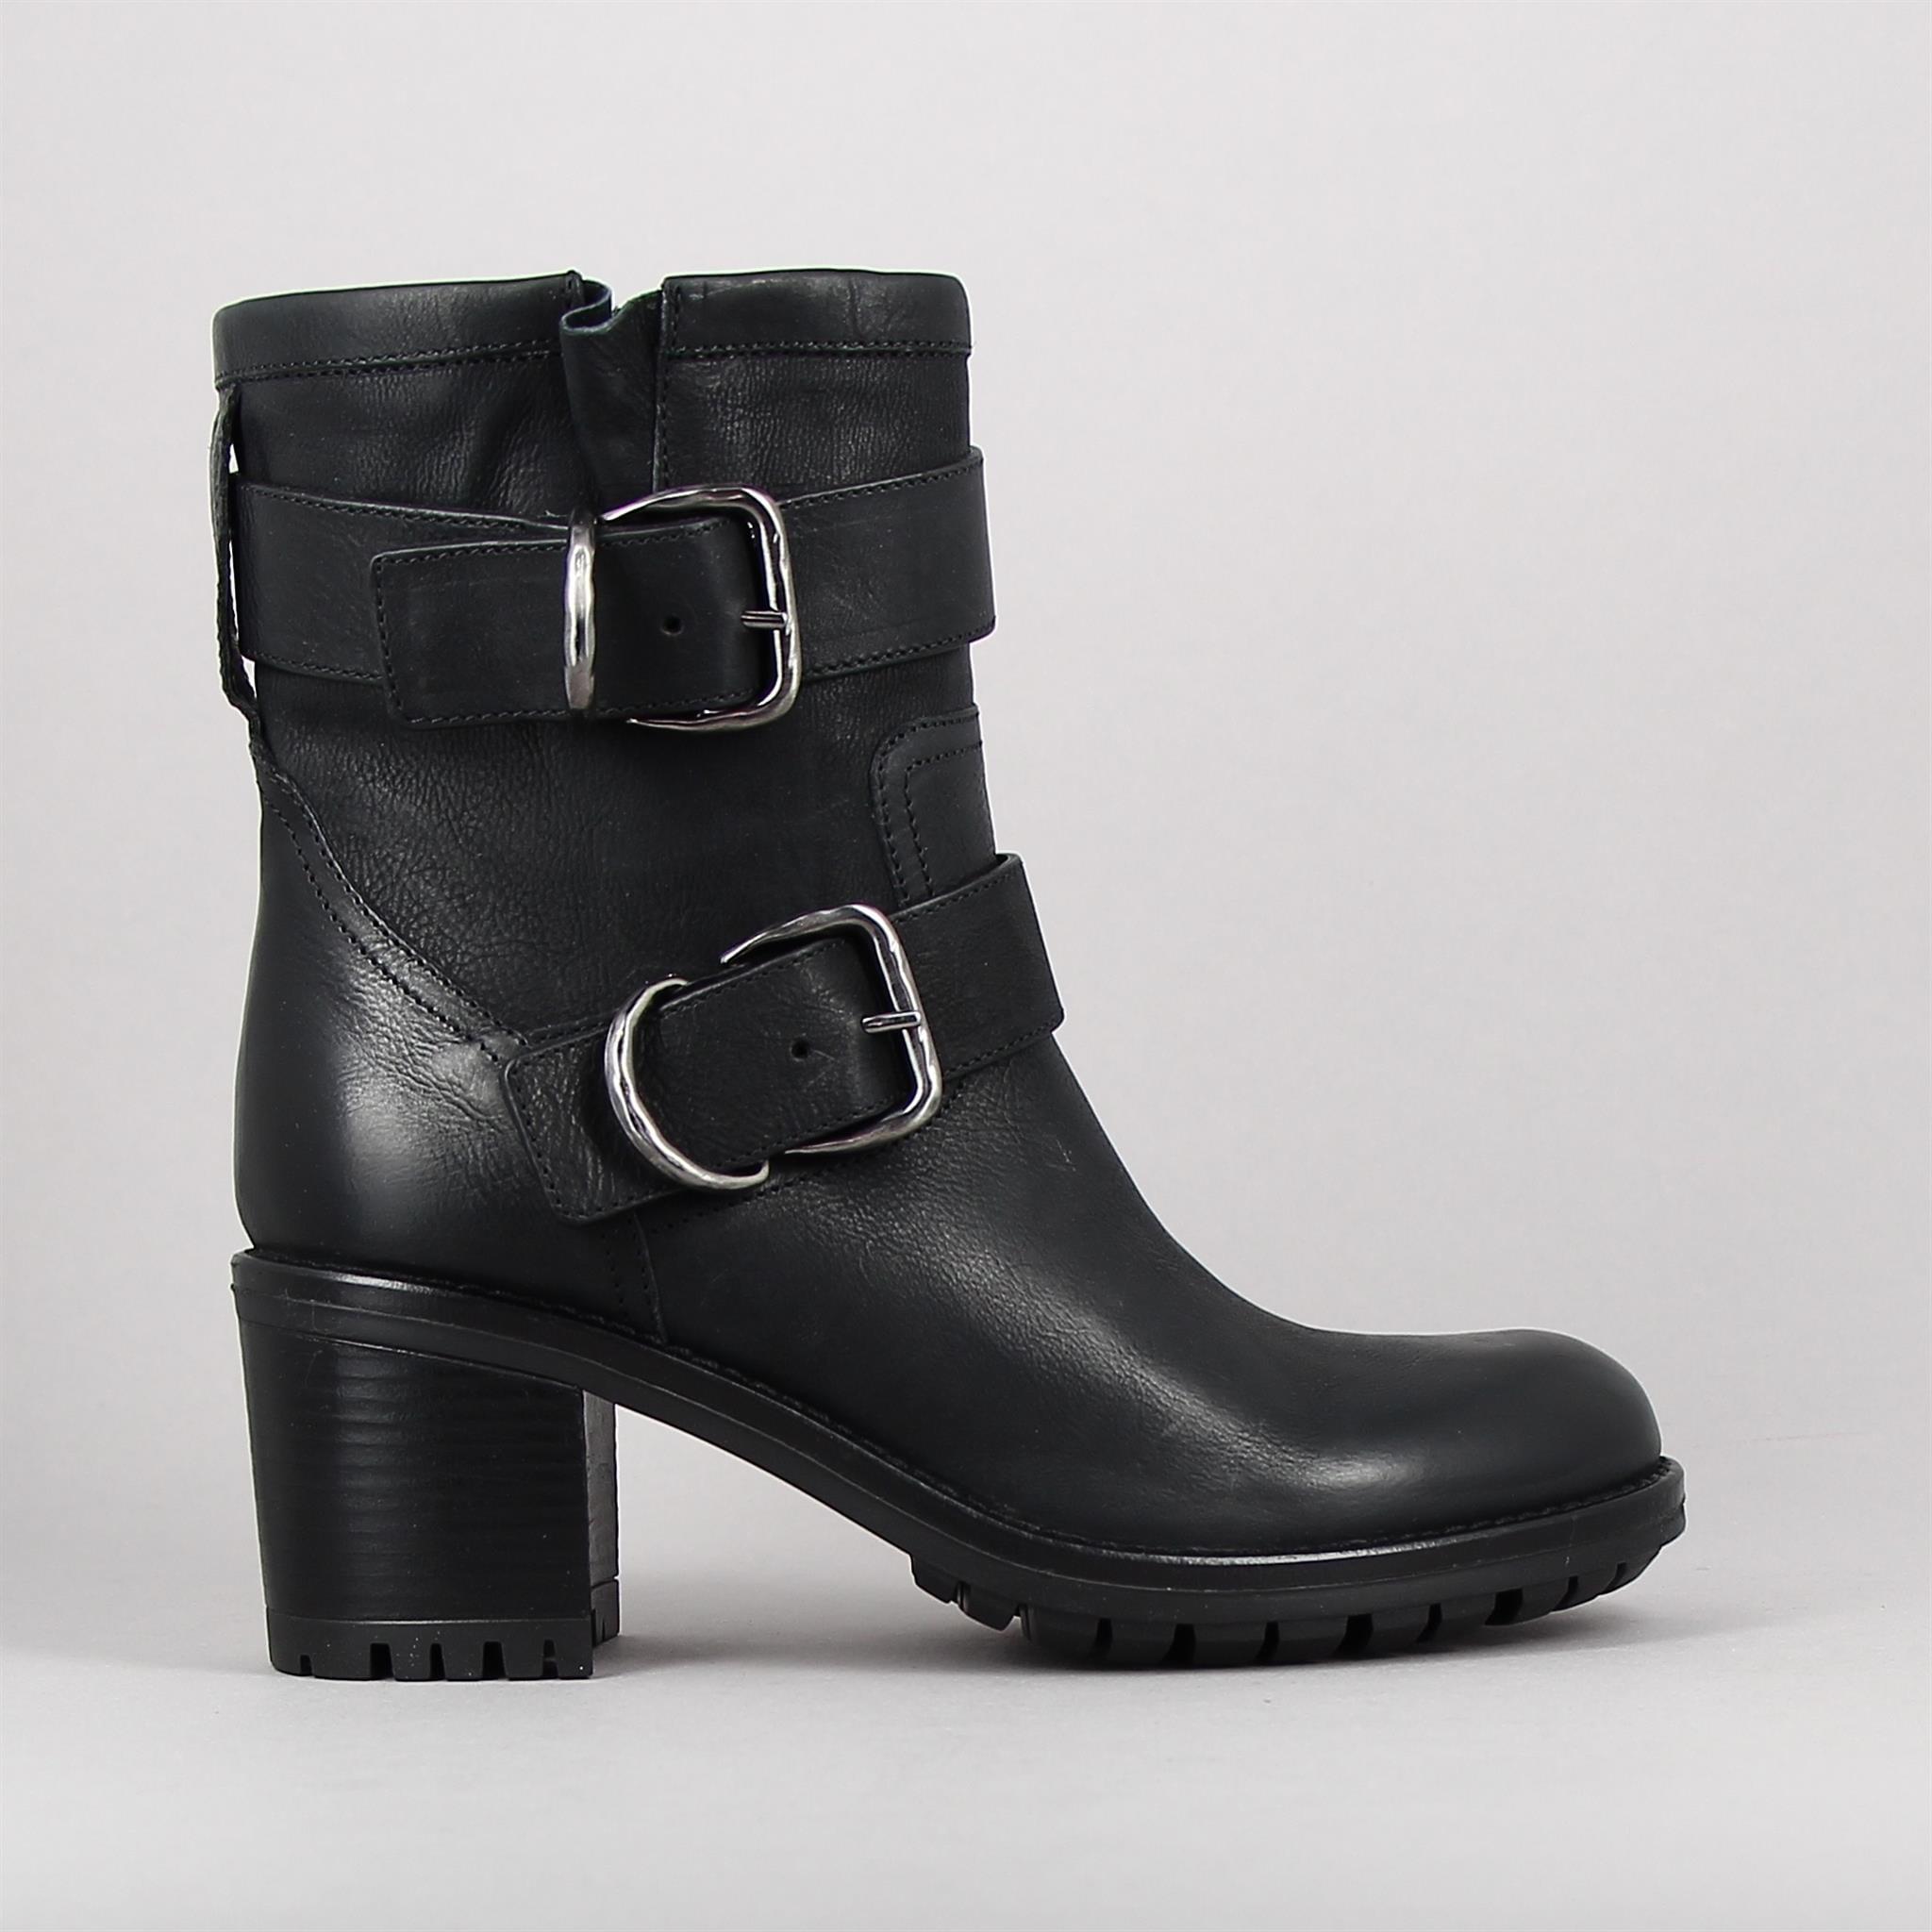 d3519-noir-155418626-0.jpg